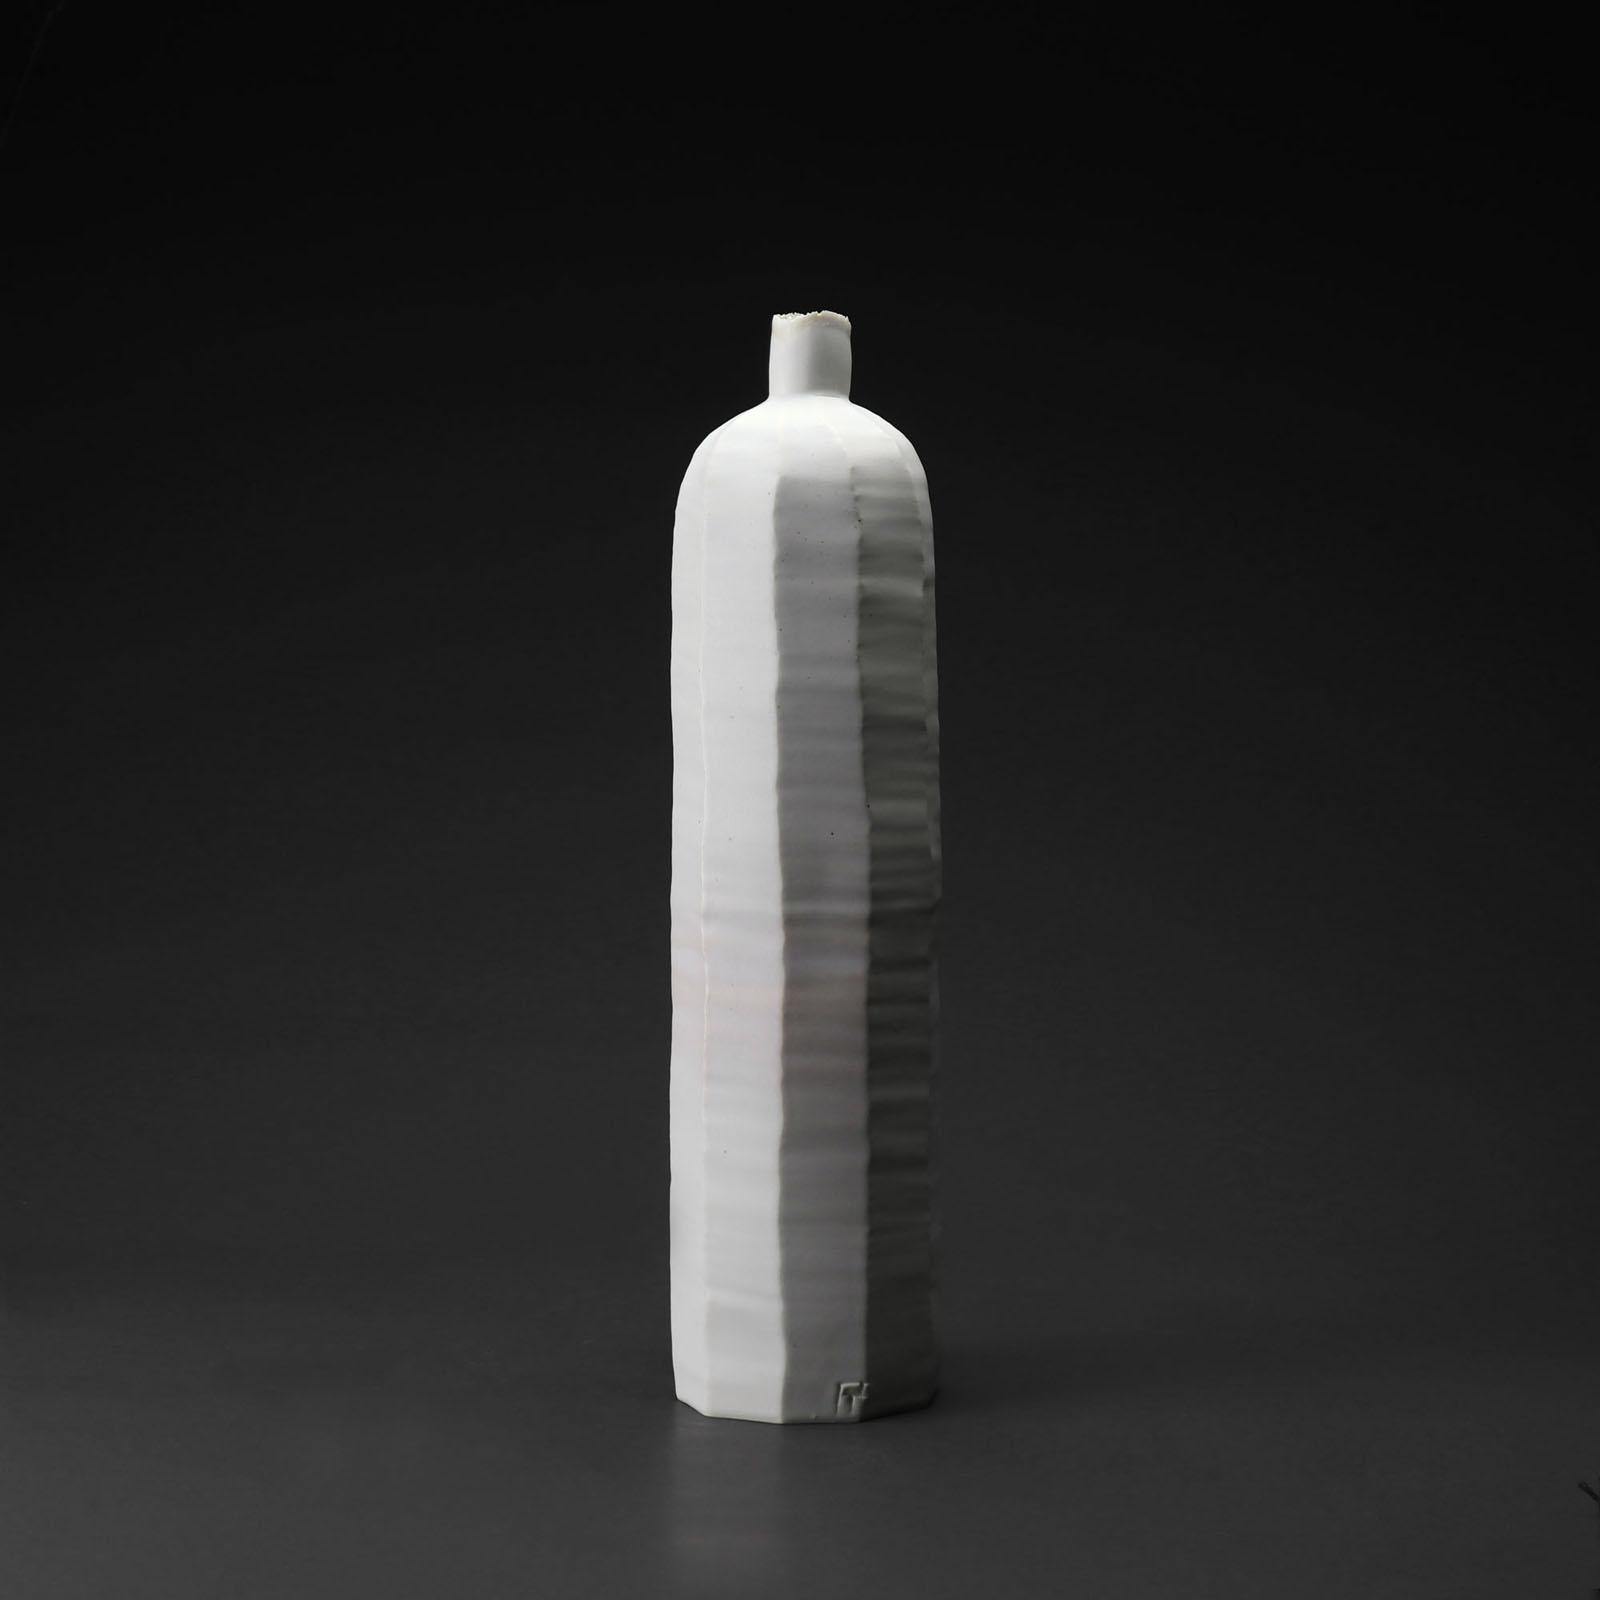 Bouteille gm 923 céramique, porcelaine émaillée blanc